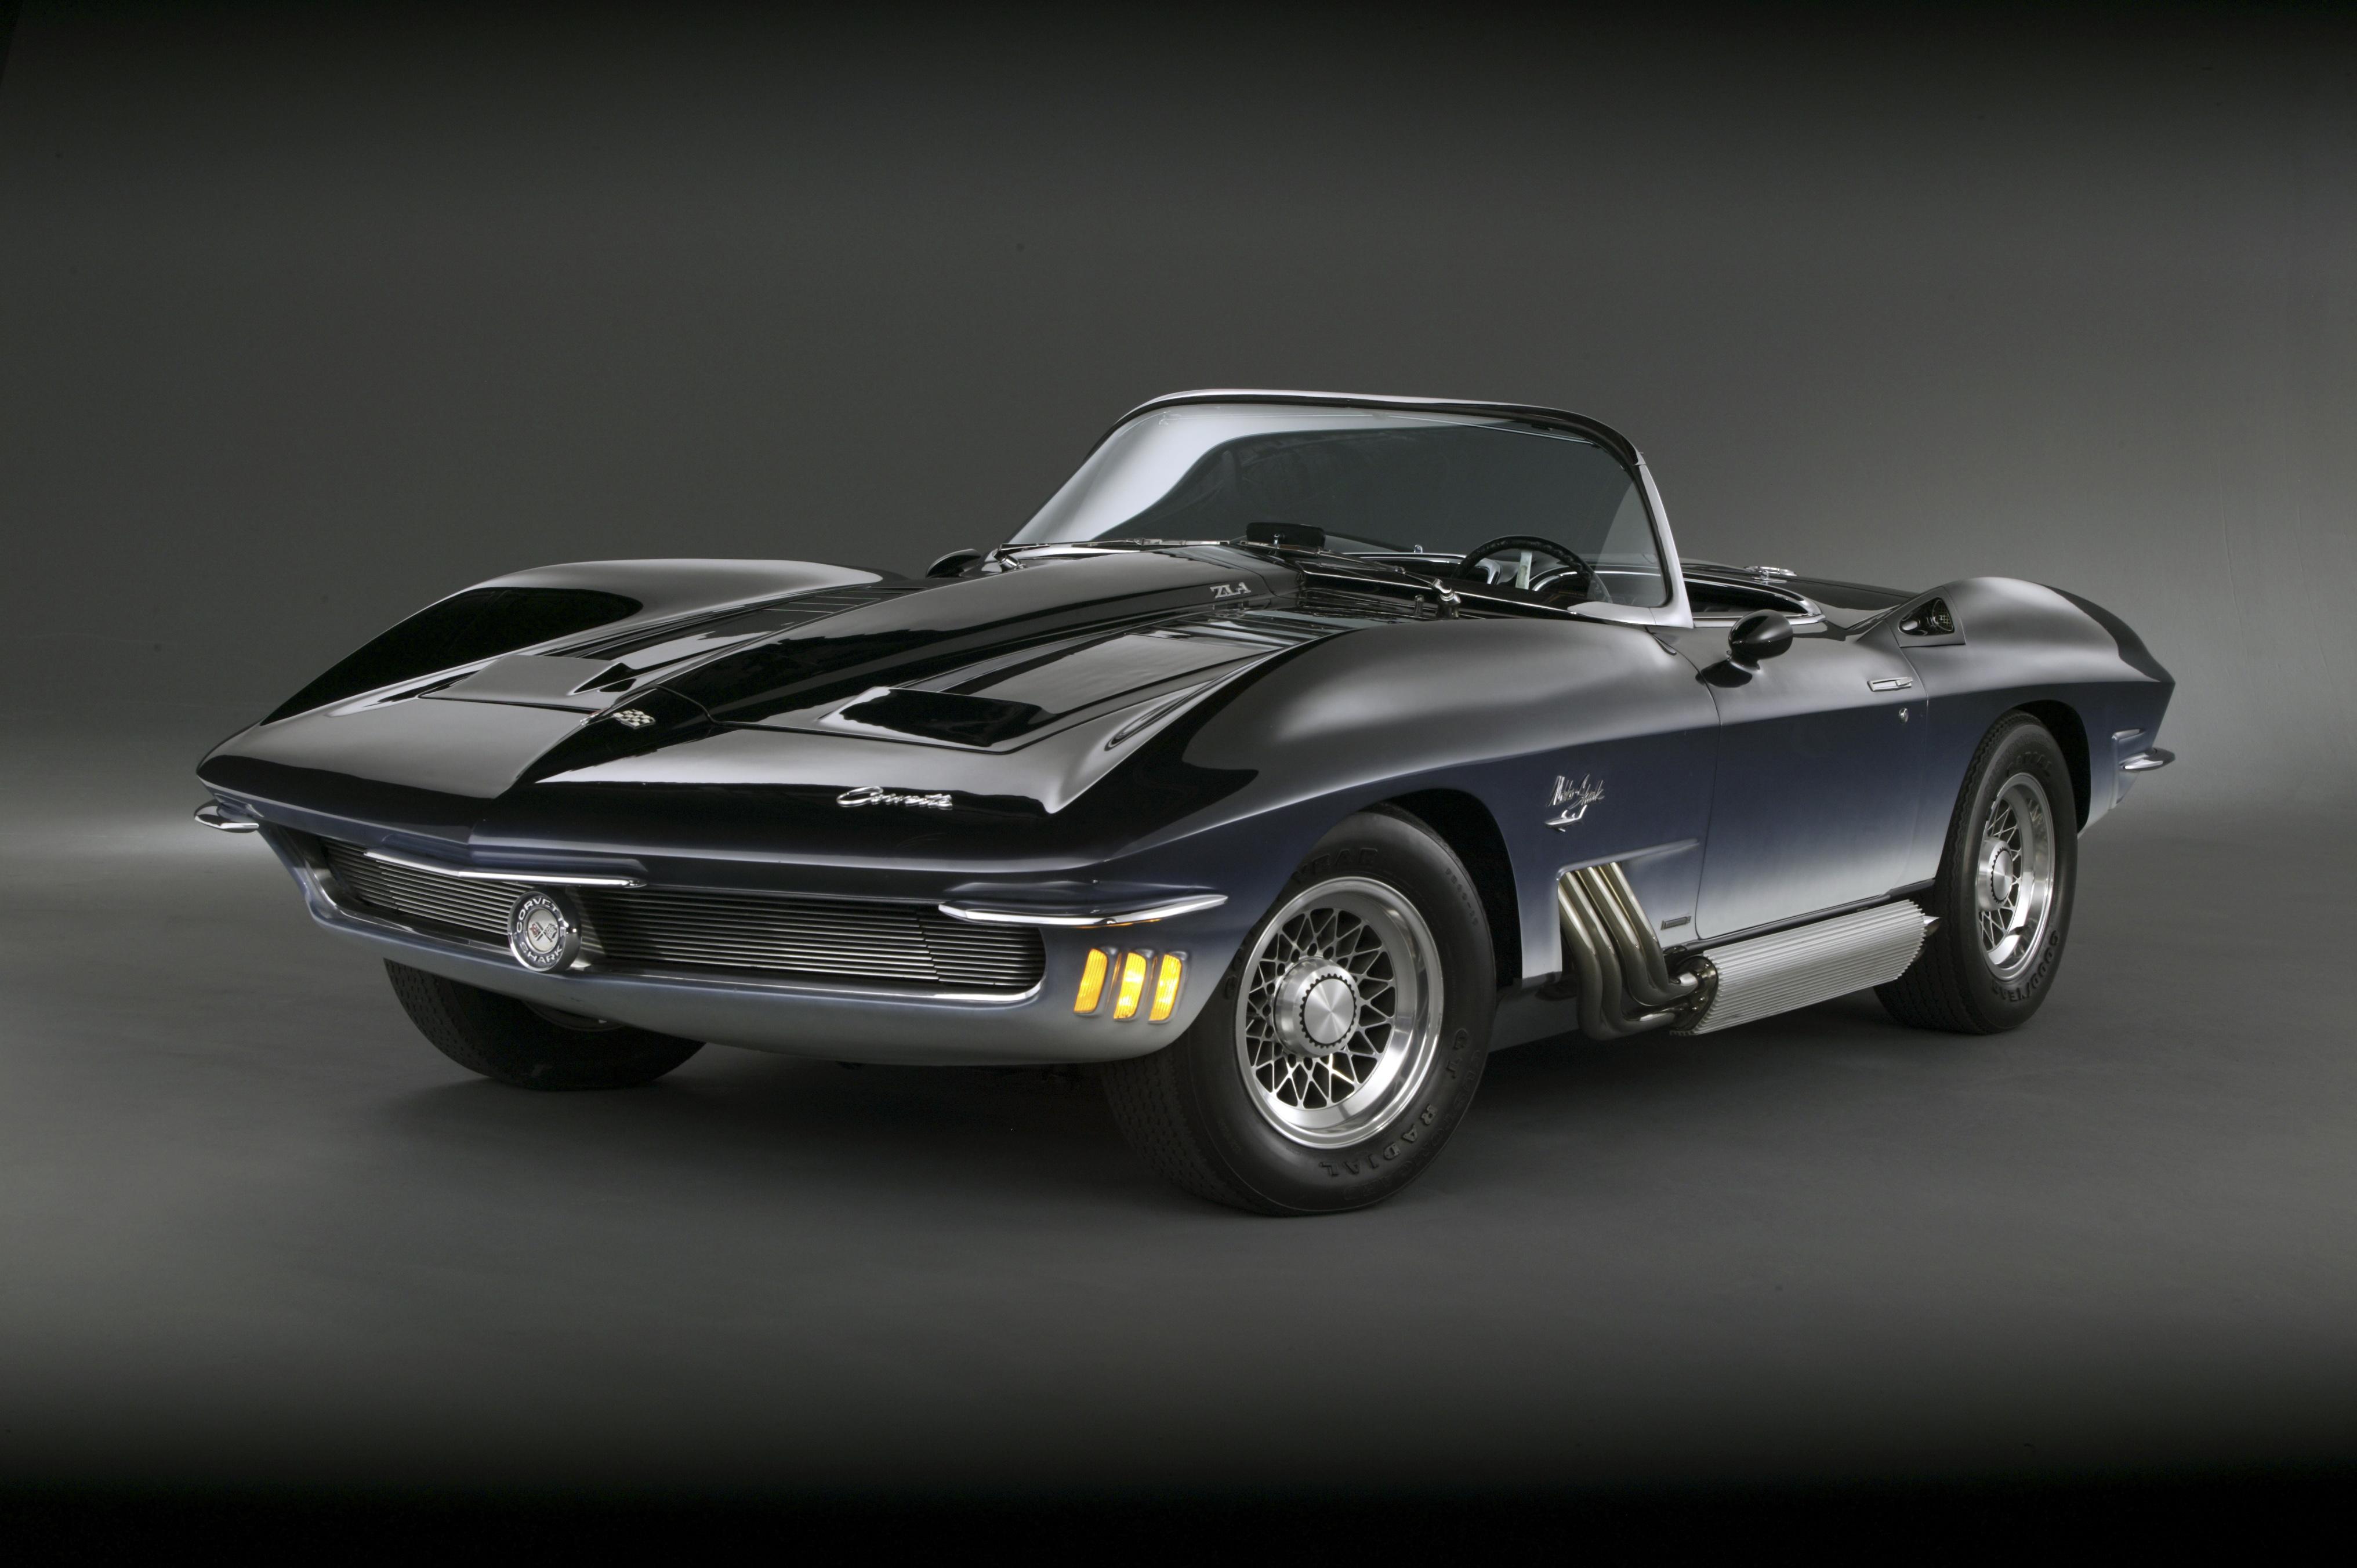 1962 Chevrolet Mako Shark Concepts